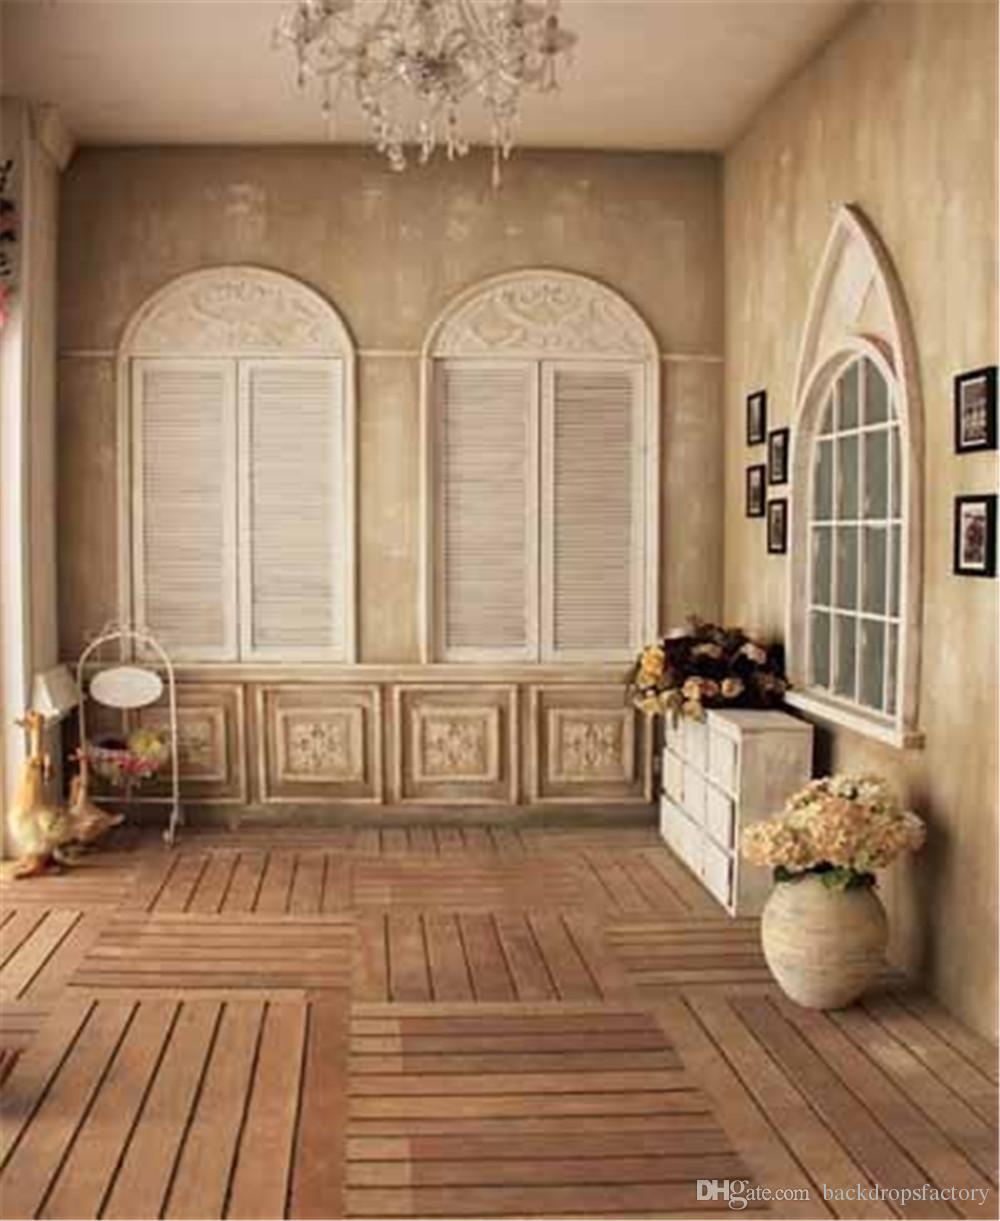 Compre Sala Interior De Casamento Foto Vinil Fundo Janelas